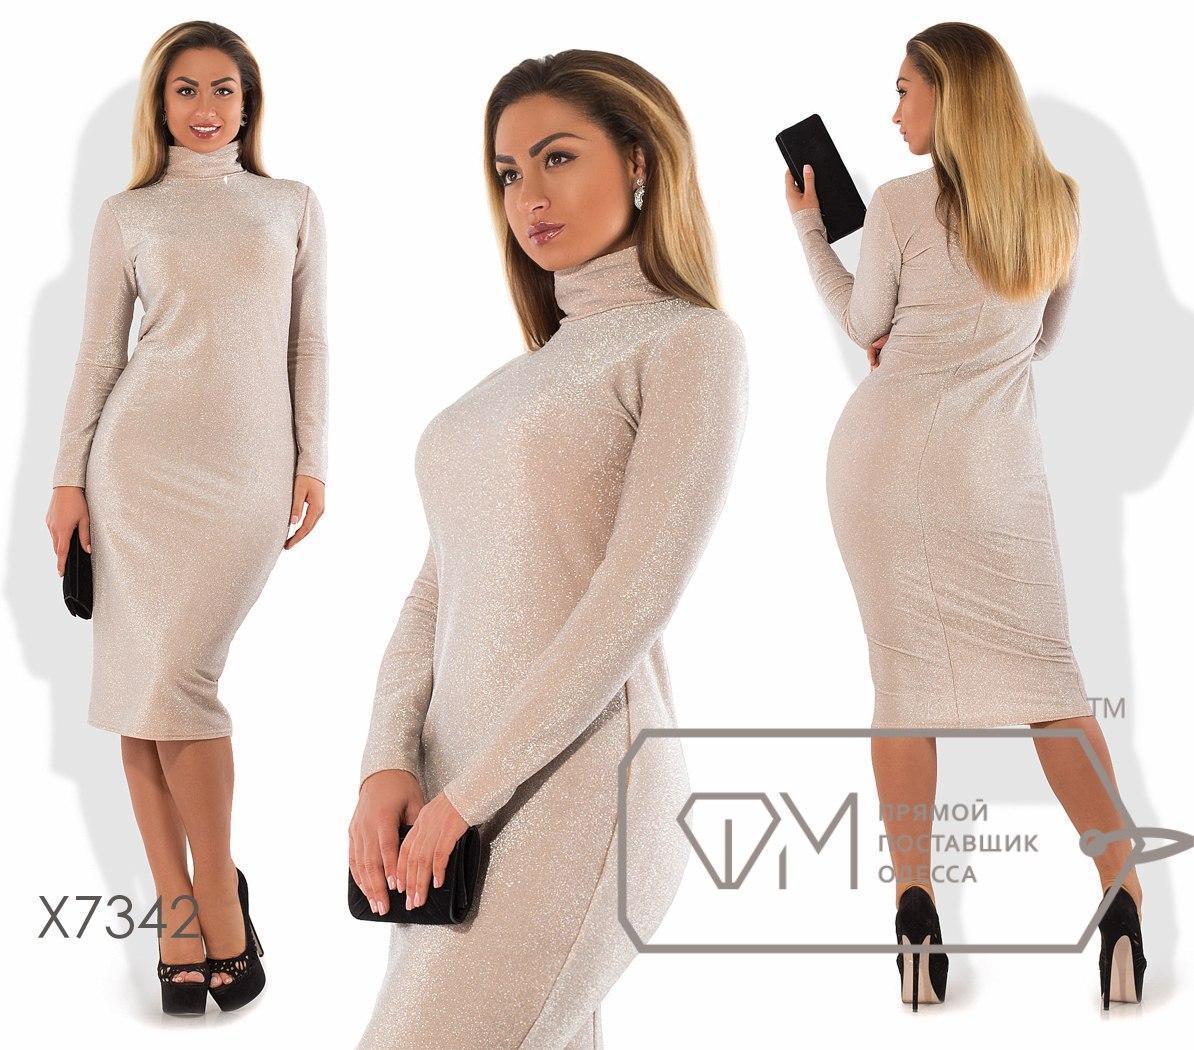 Платье-гольф большого размера ниже колена длиной fmx7342